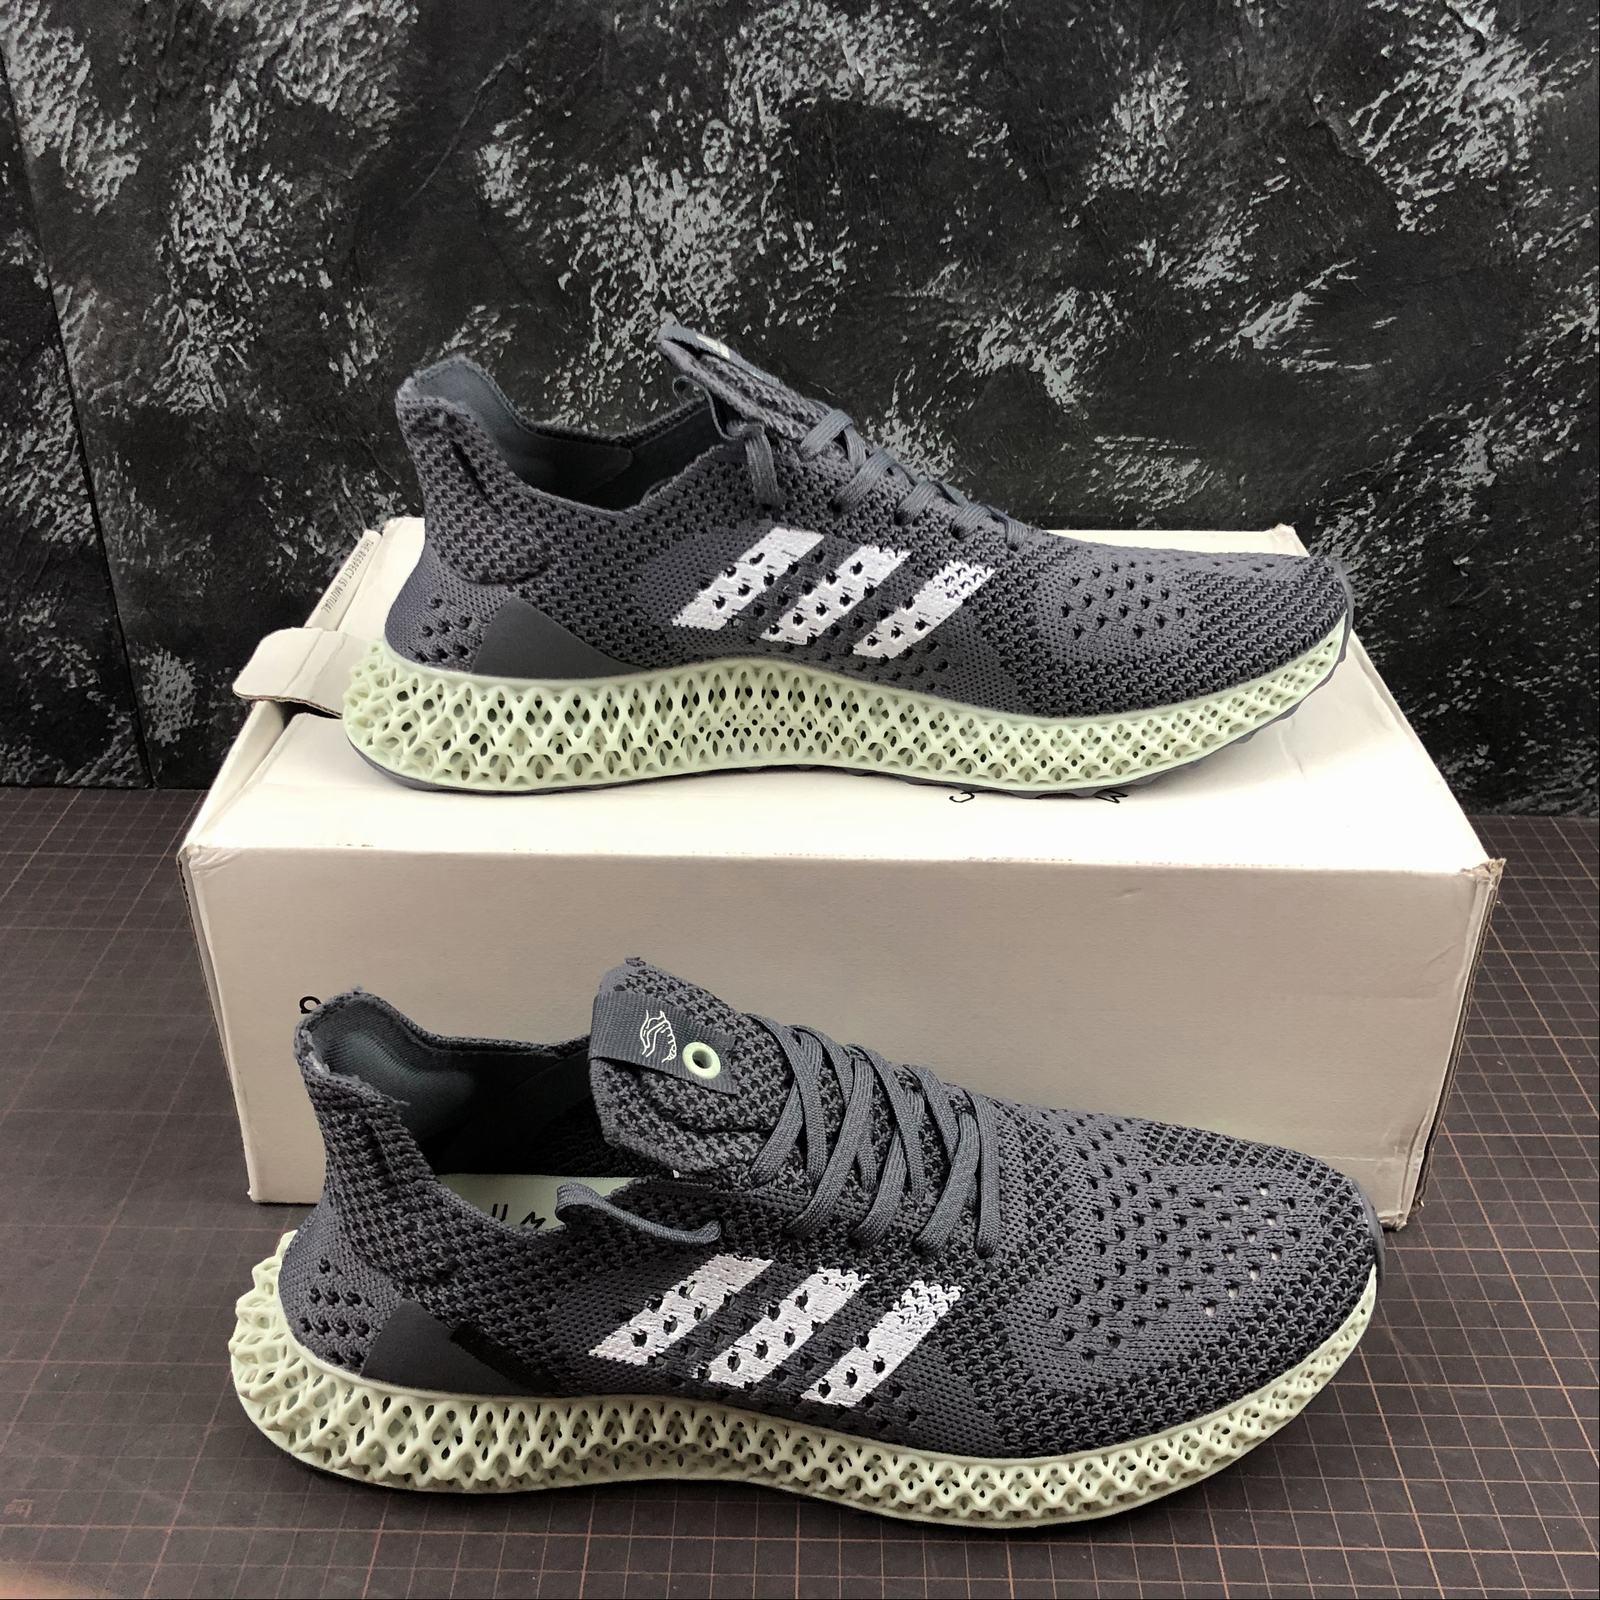 giay-sneaker-adidas-consortium-runner-inv-4d-d96972